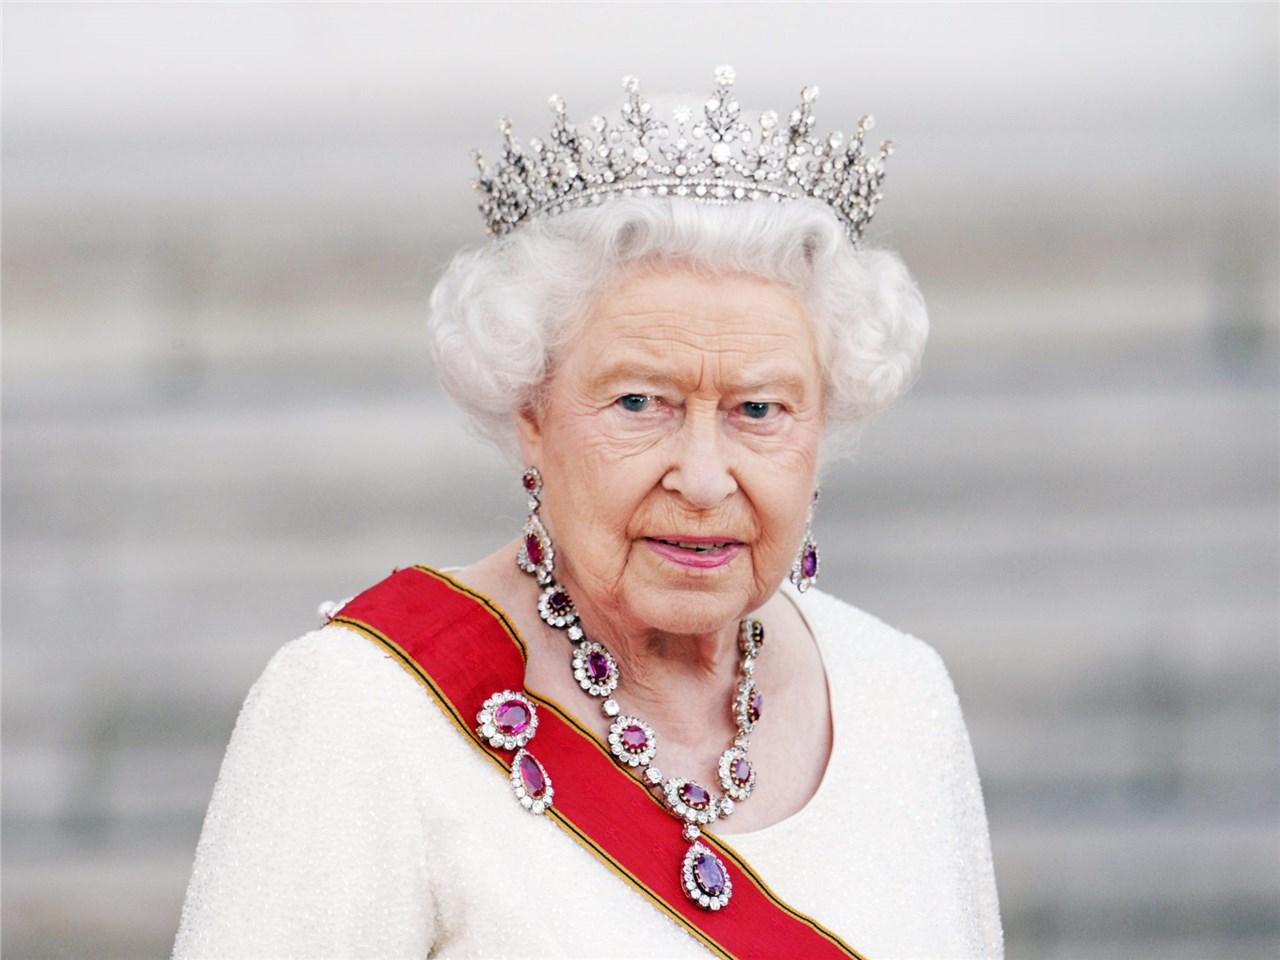 Кралицата Елизабета II на 92 години ја објави својата прва инстаграм фотографија